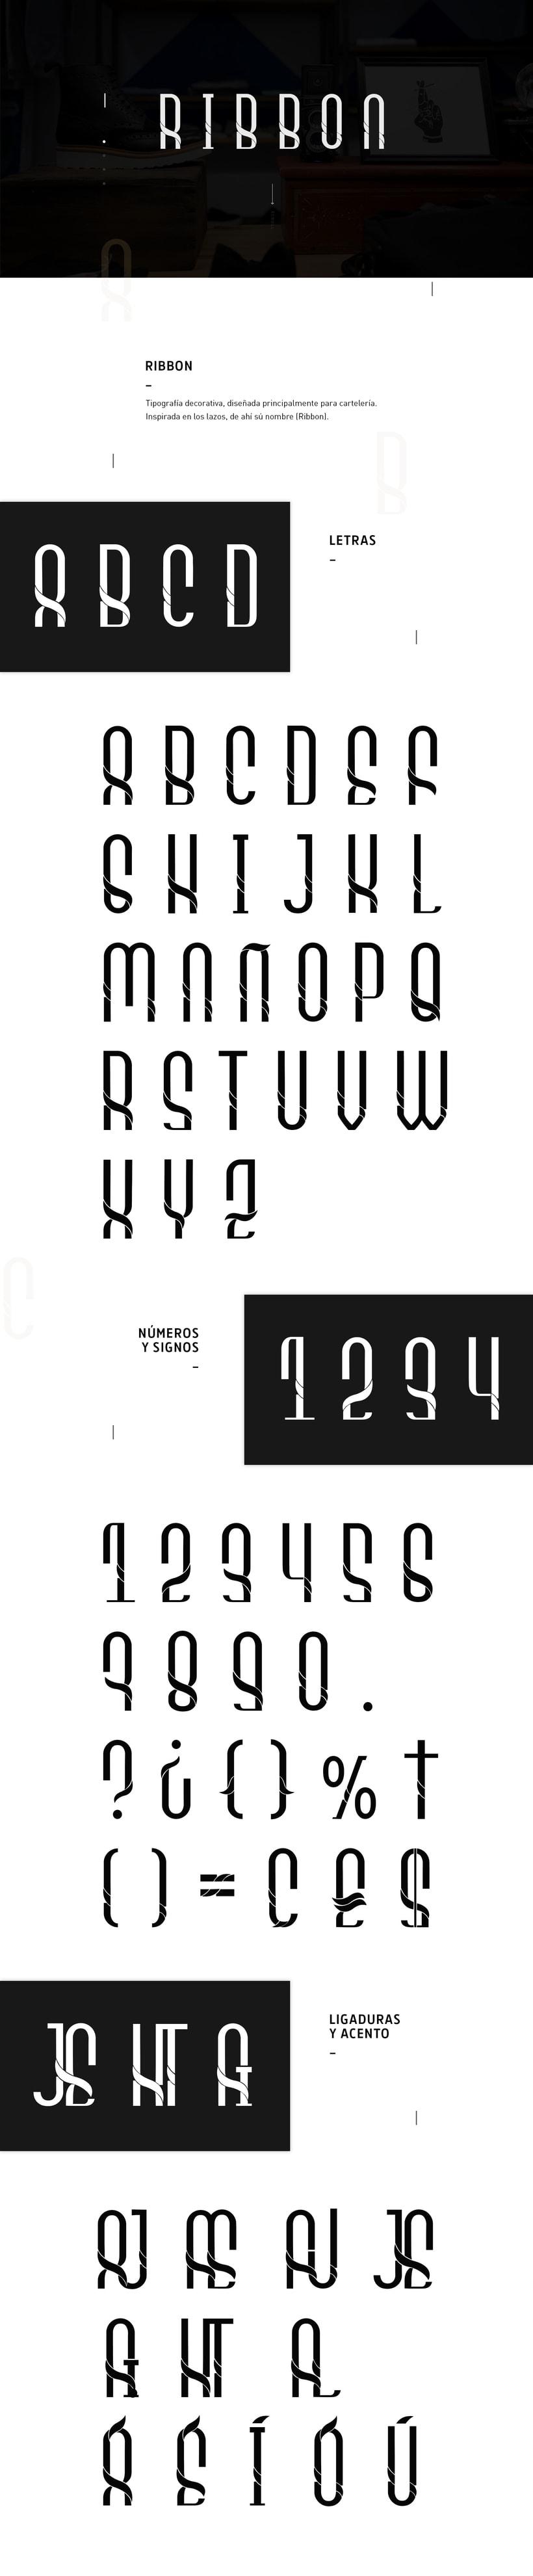 Tipografía Ribbon -1